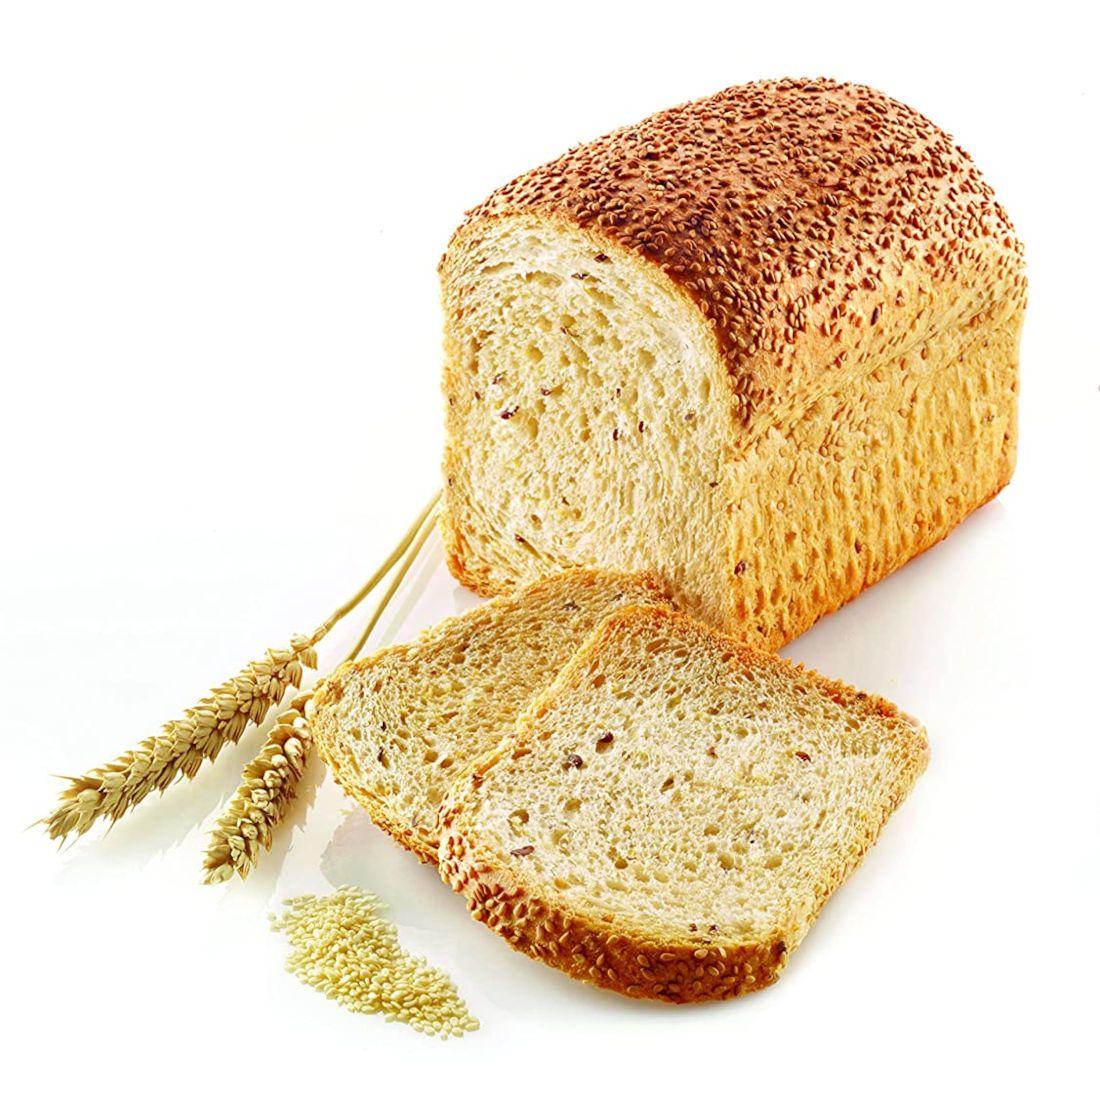 Φόρμα σιλικόνης για ψωμί τοστ Silikomart Sandwich Bread